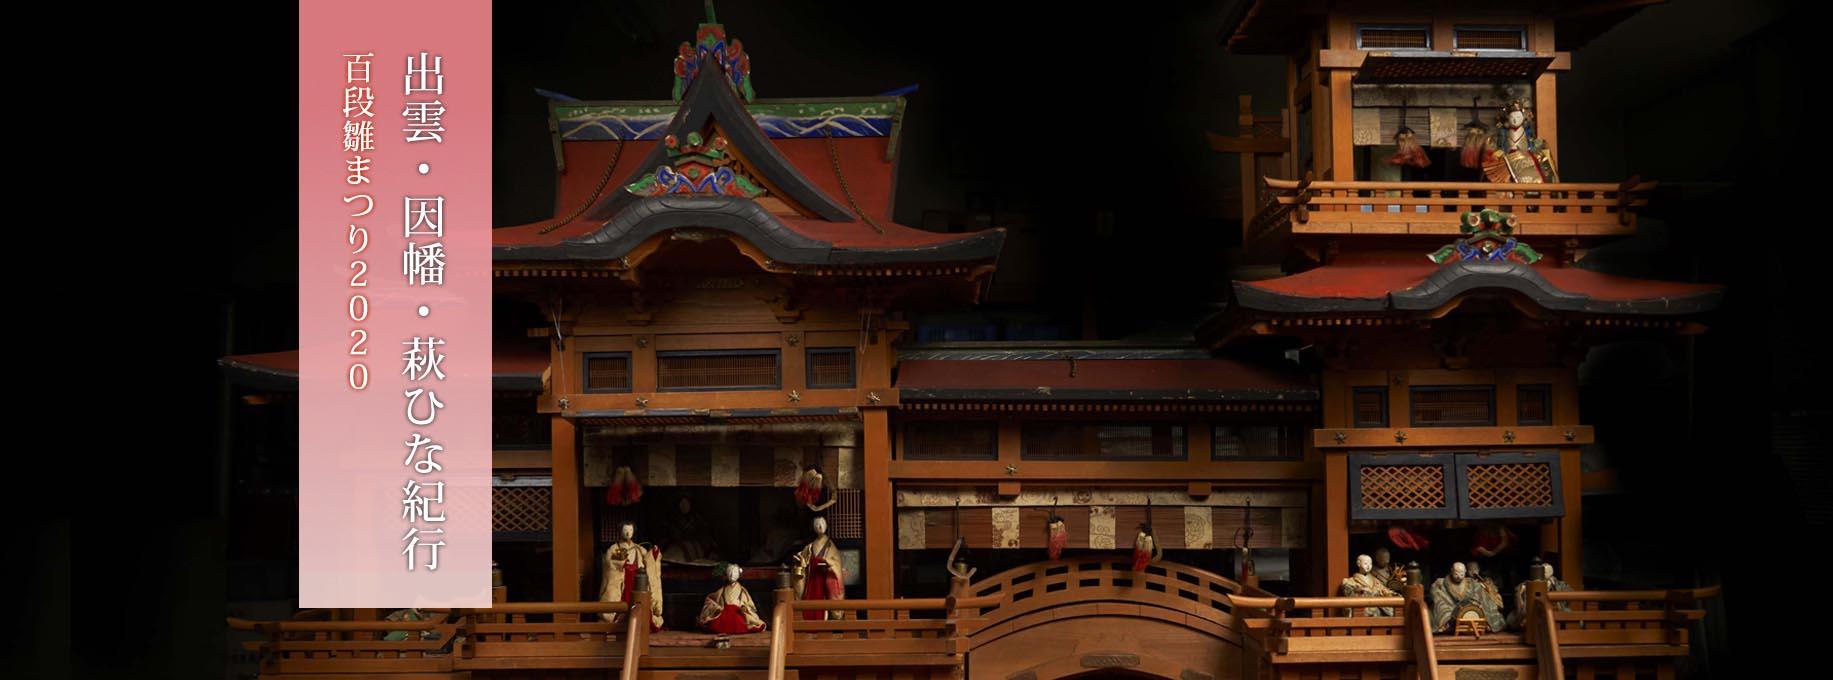 御殿飾り(米子市立山陰歴史館所蔵)/鳥取・米子